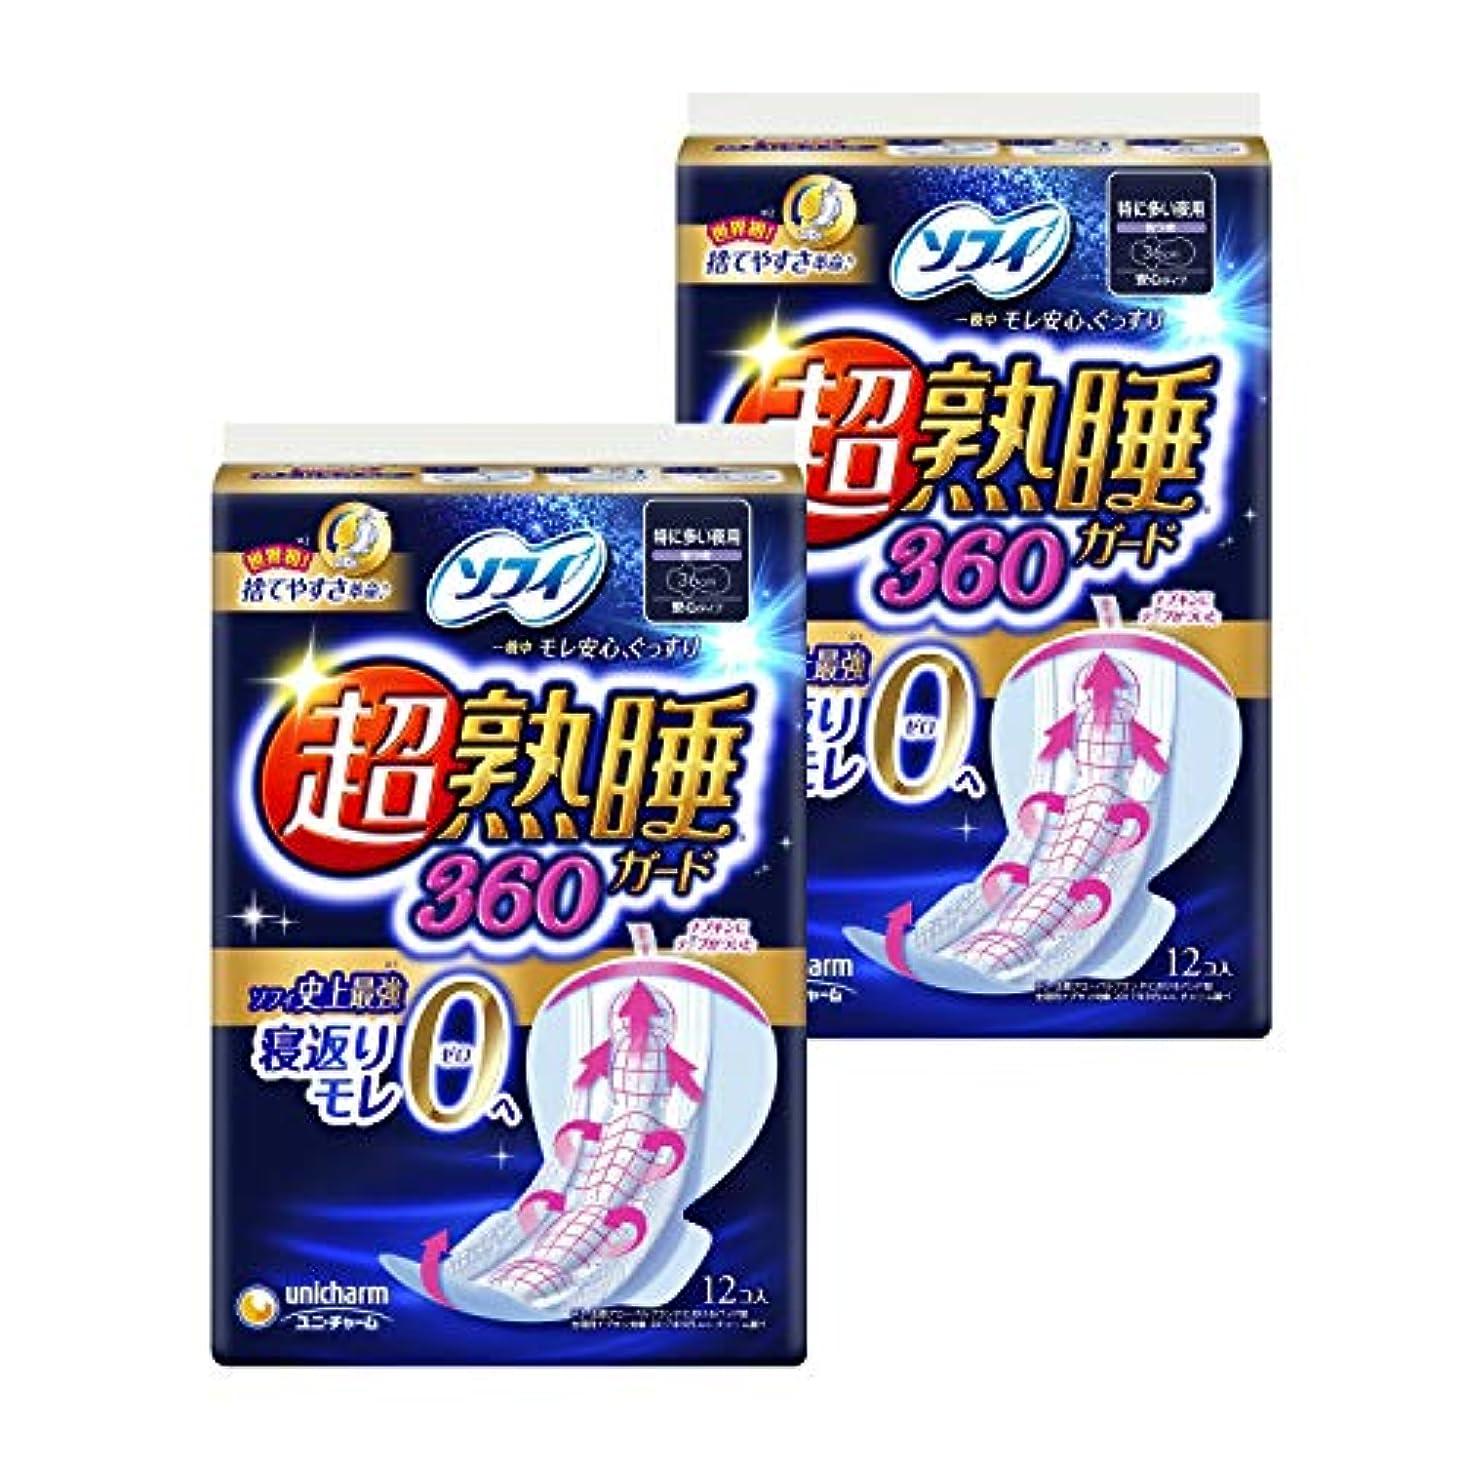 適用済み封筒散らすソフィ 超熟睡ガード 360 12枚×2個(くるっとテープつき)〔生理用ナプキン 夜用〕